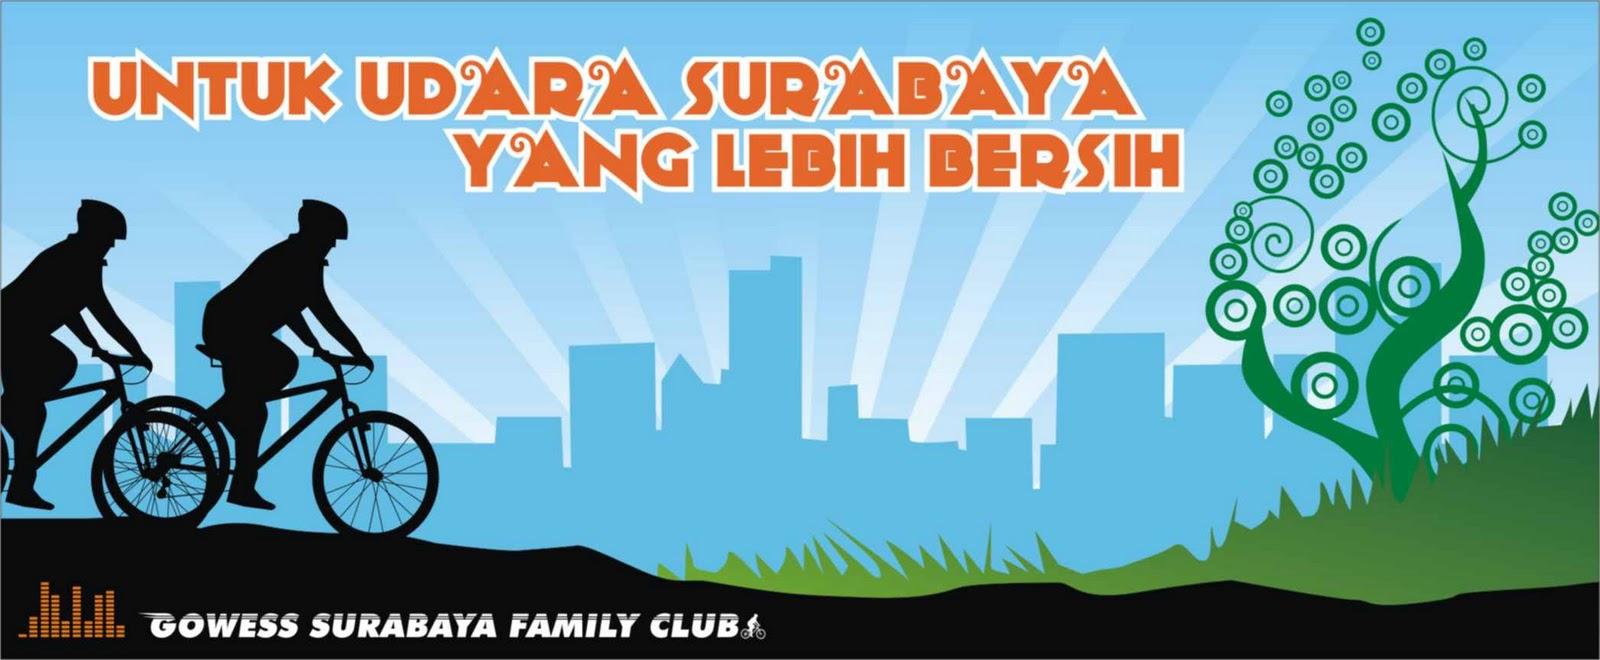 Untuk Udara Surabaya Yang Lebih Bersih dan Sehat